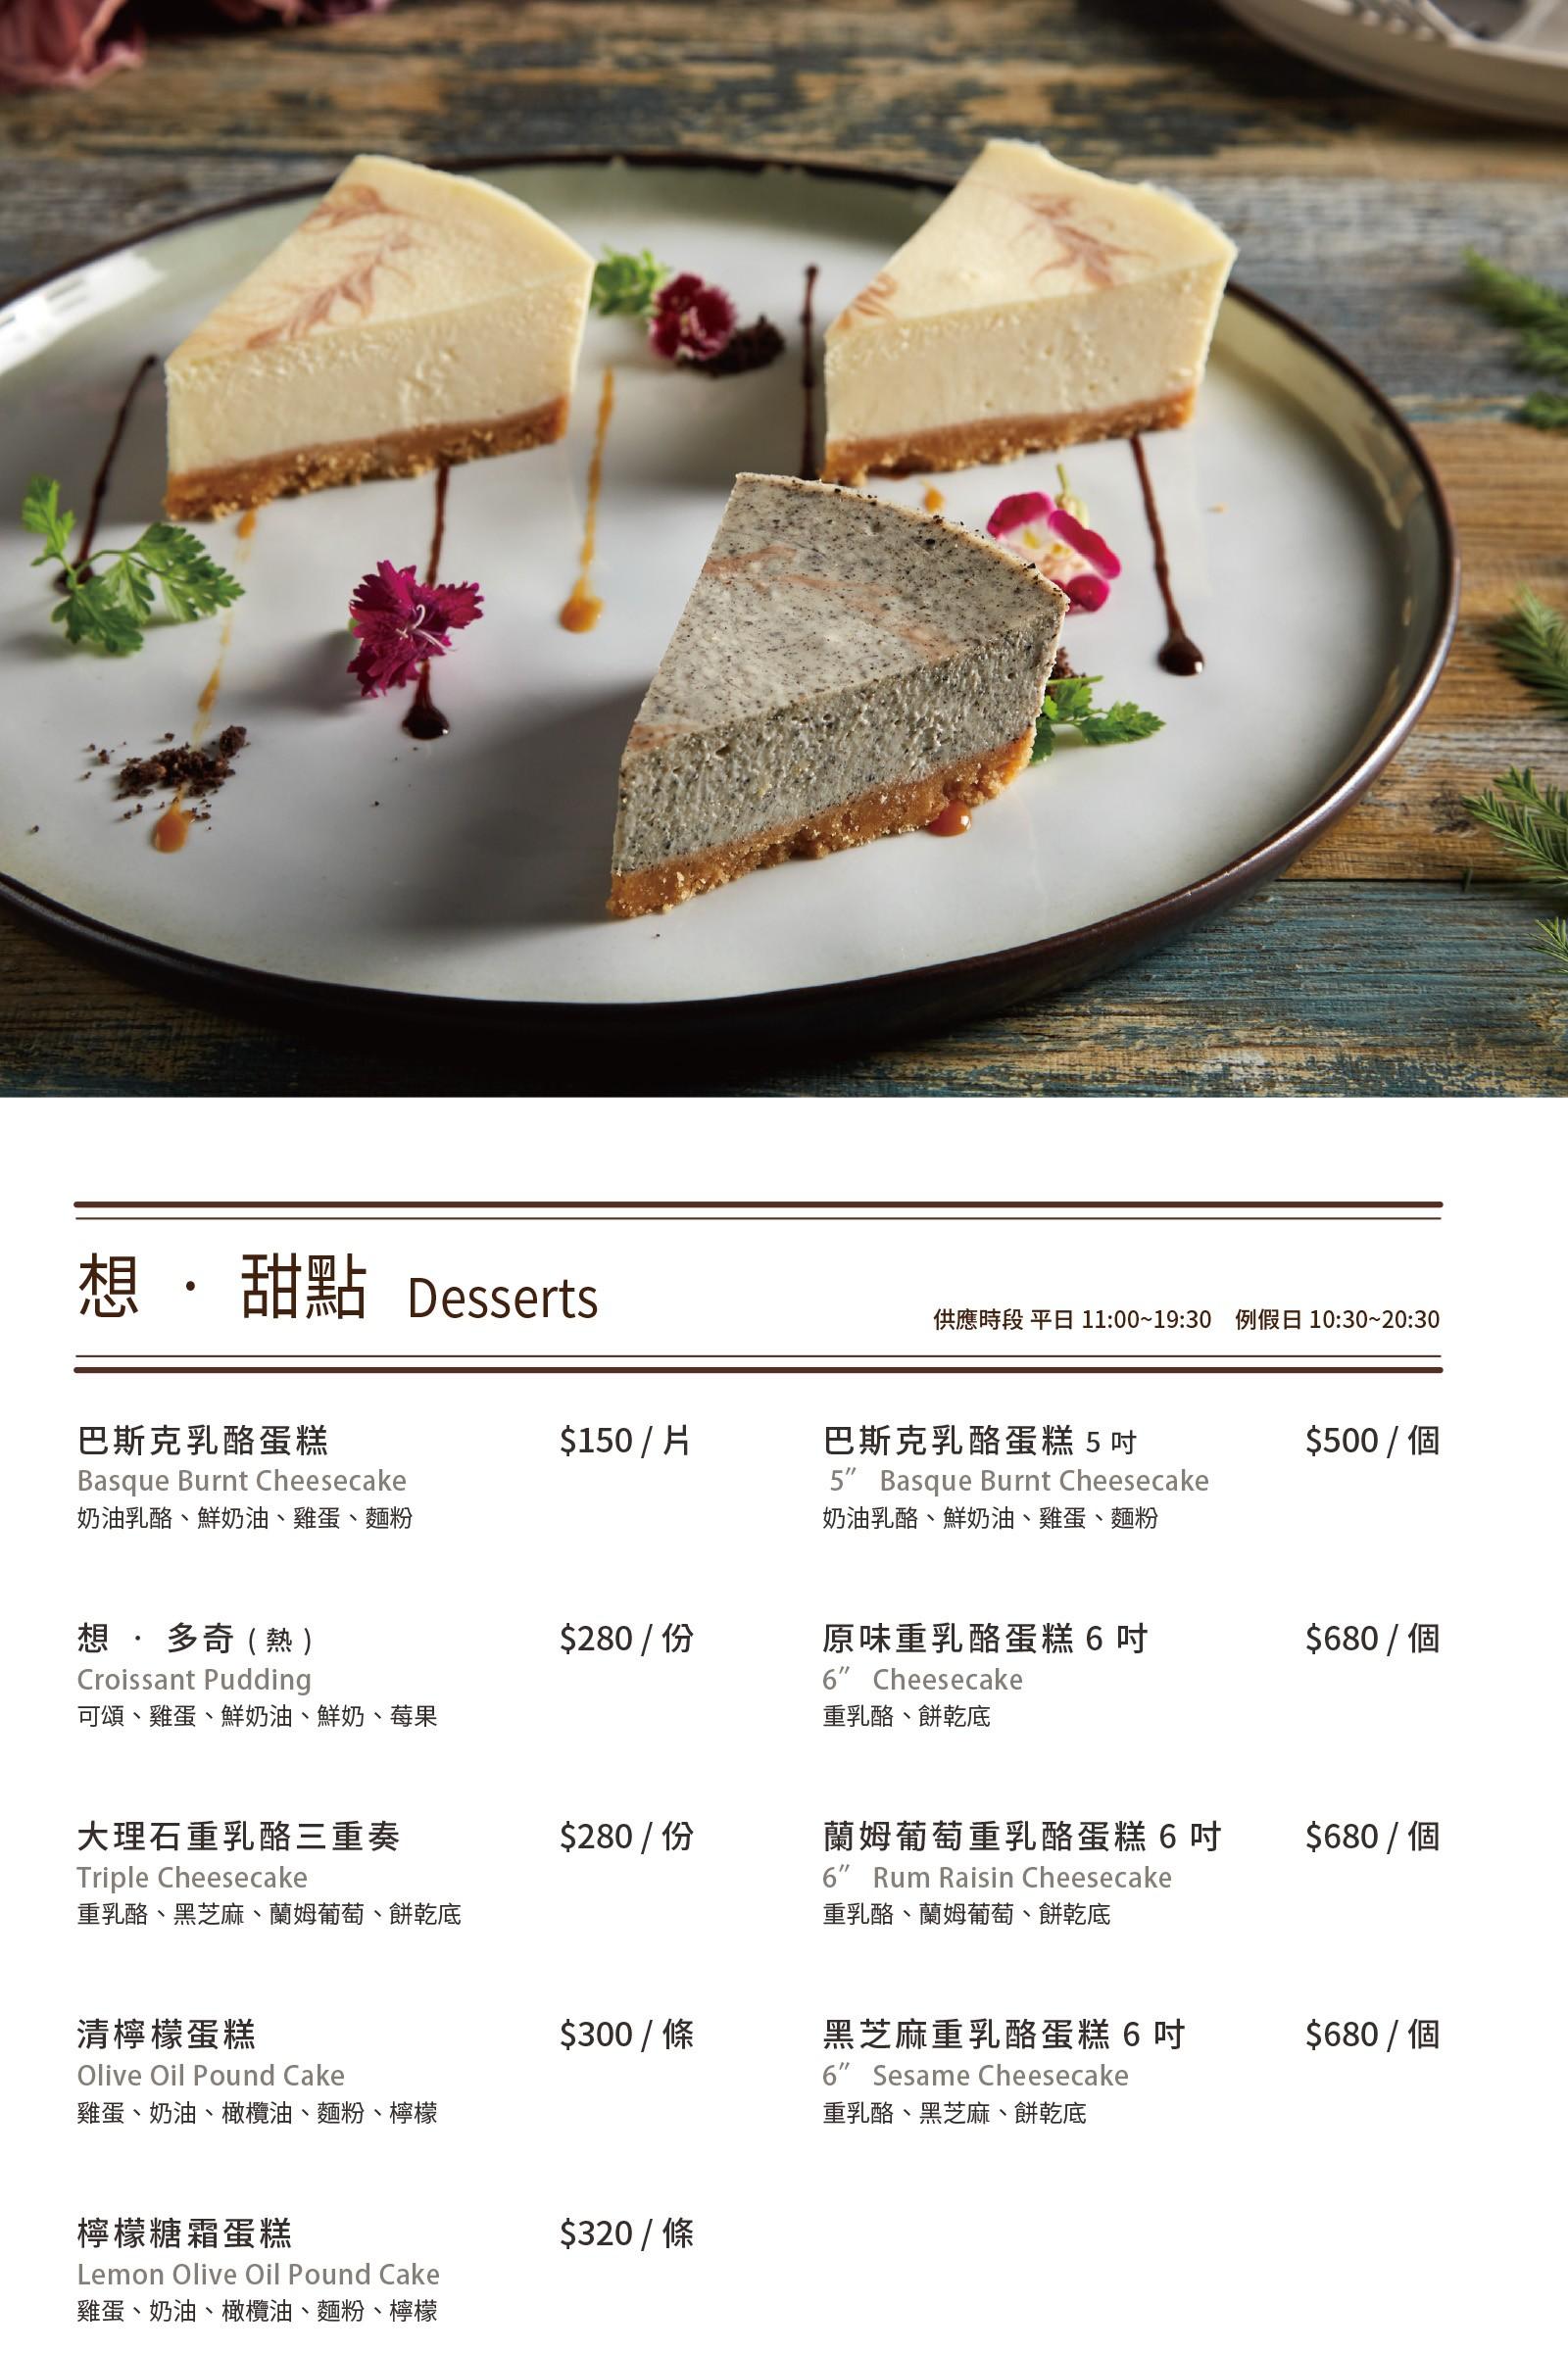 台北陽明山美食》The Cafe' By想陽明山~黃色小屋落羽松景觀餐廳(菜單、停車場) - yukiblog.tw